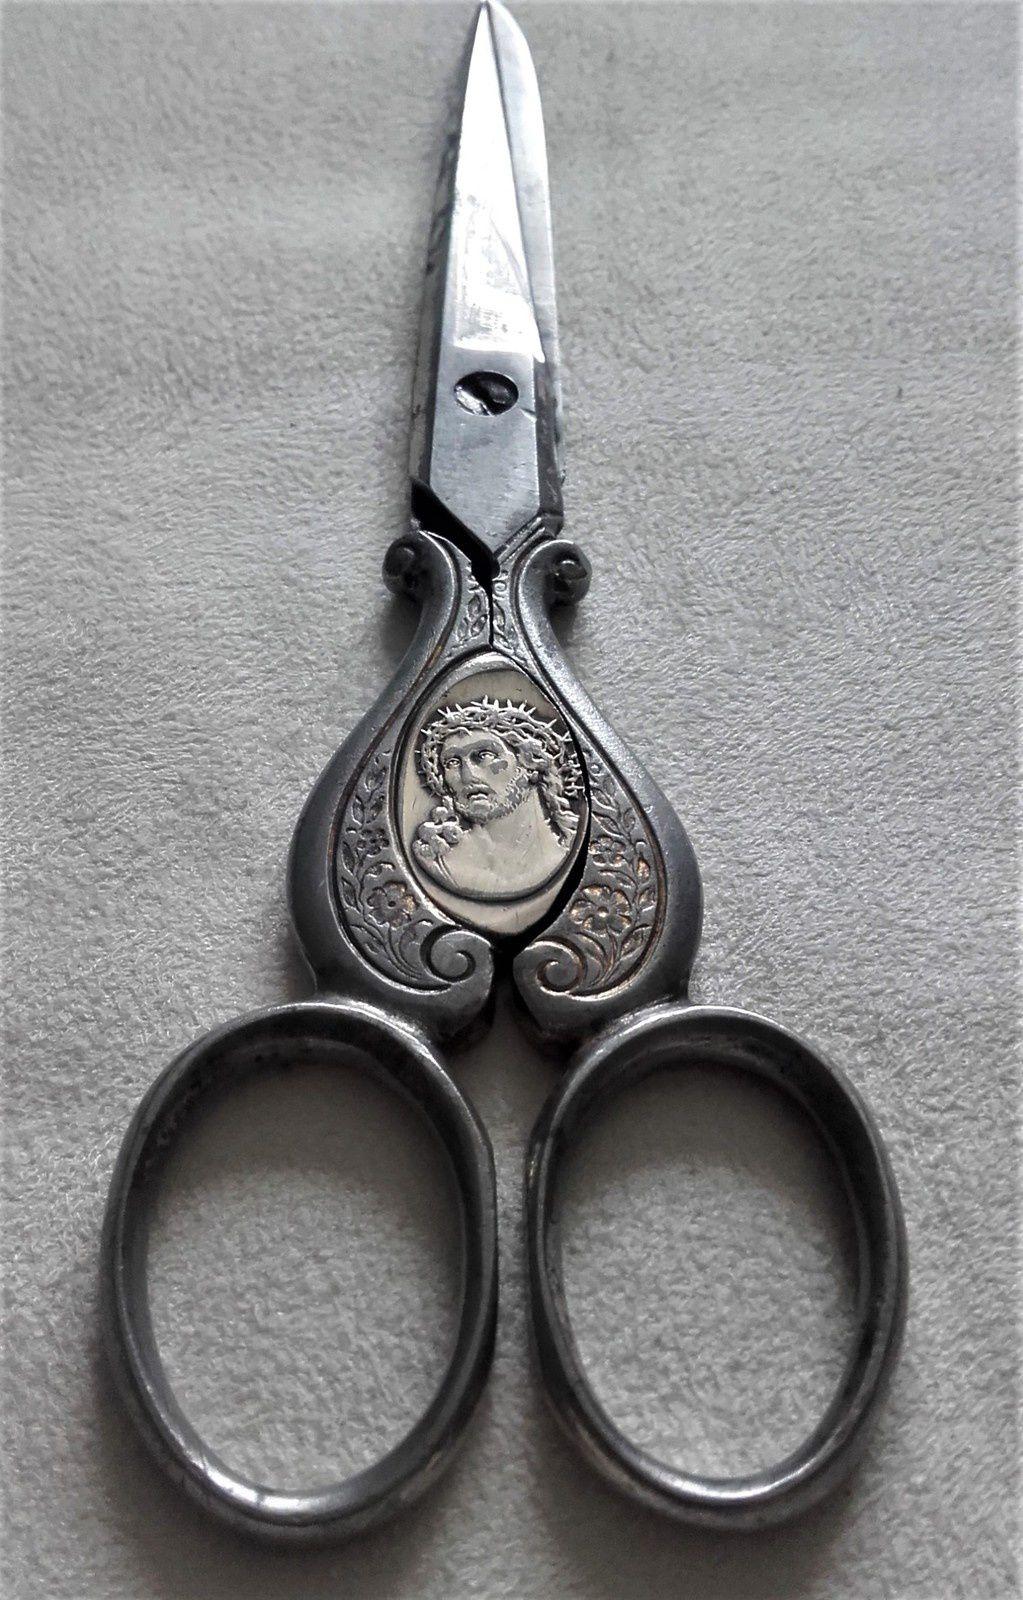 Ces ciseaux étaient offerts aux novices, lorsqu'elles prenaient le voile